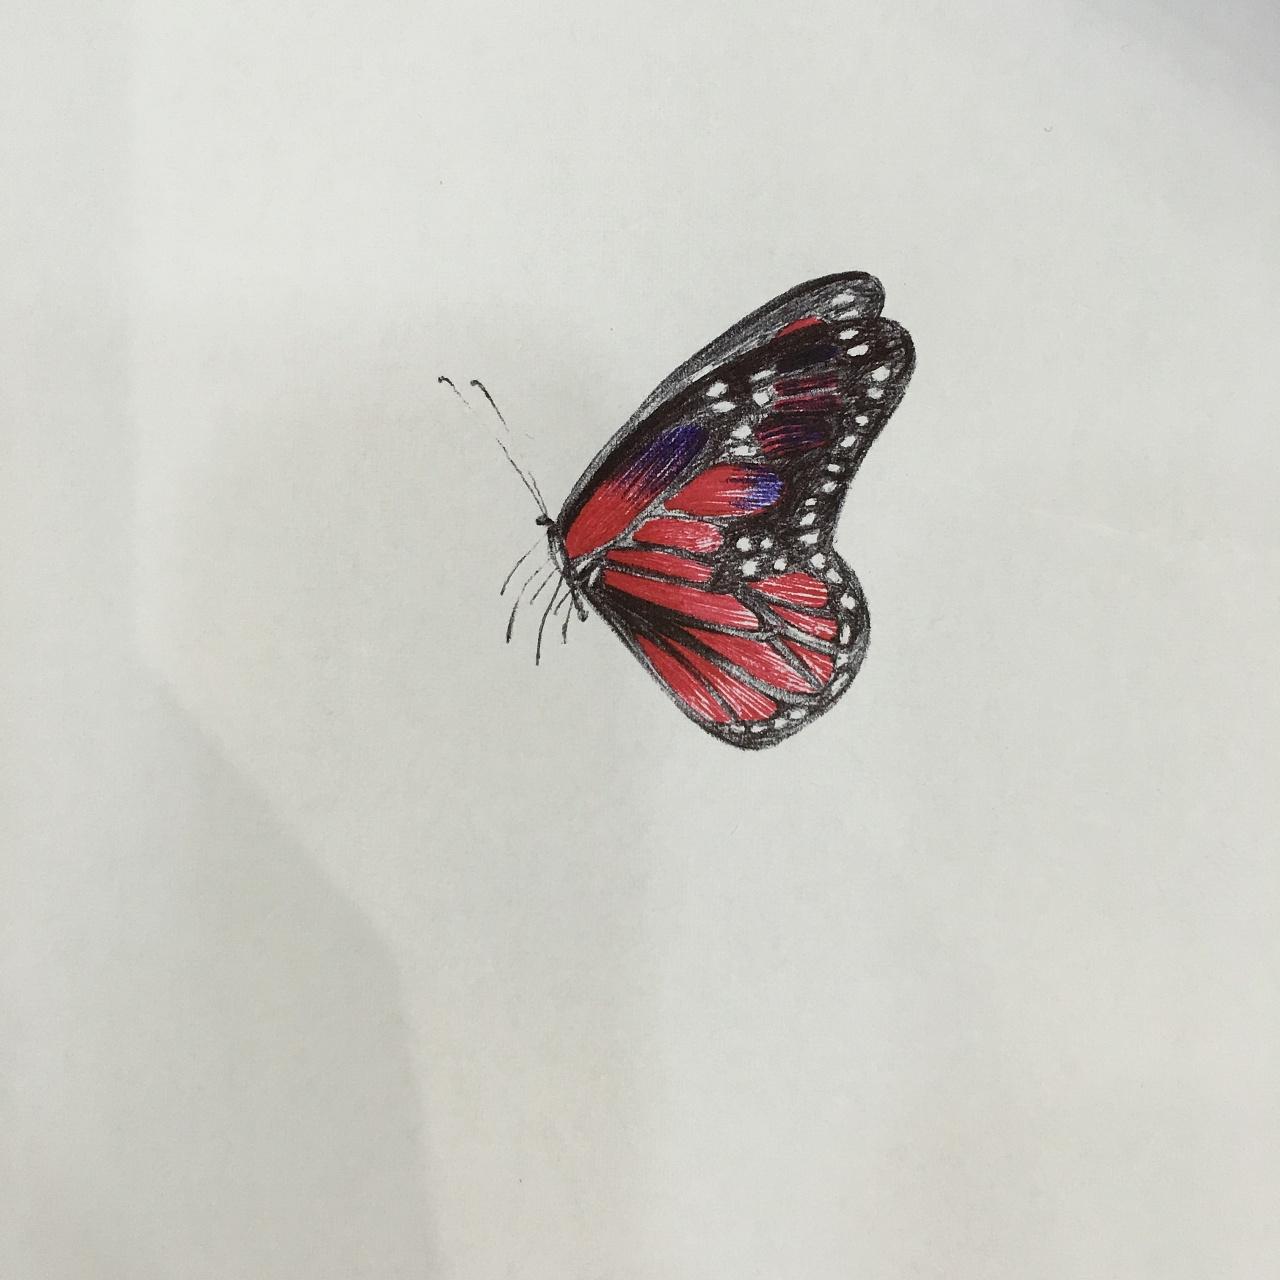 小蝴蝶图片 343375 1280x1280